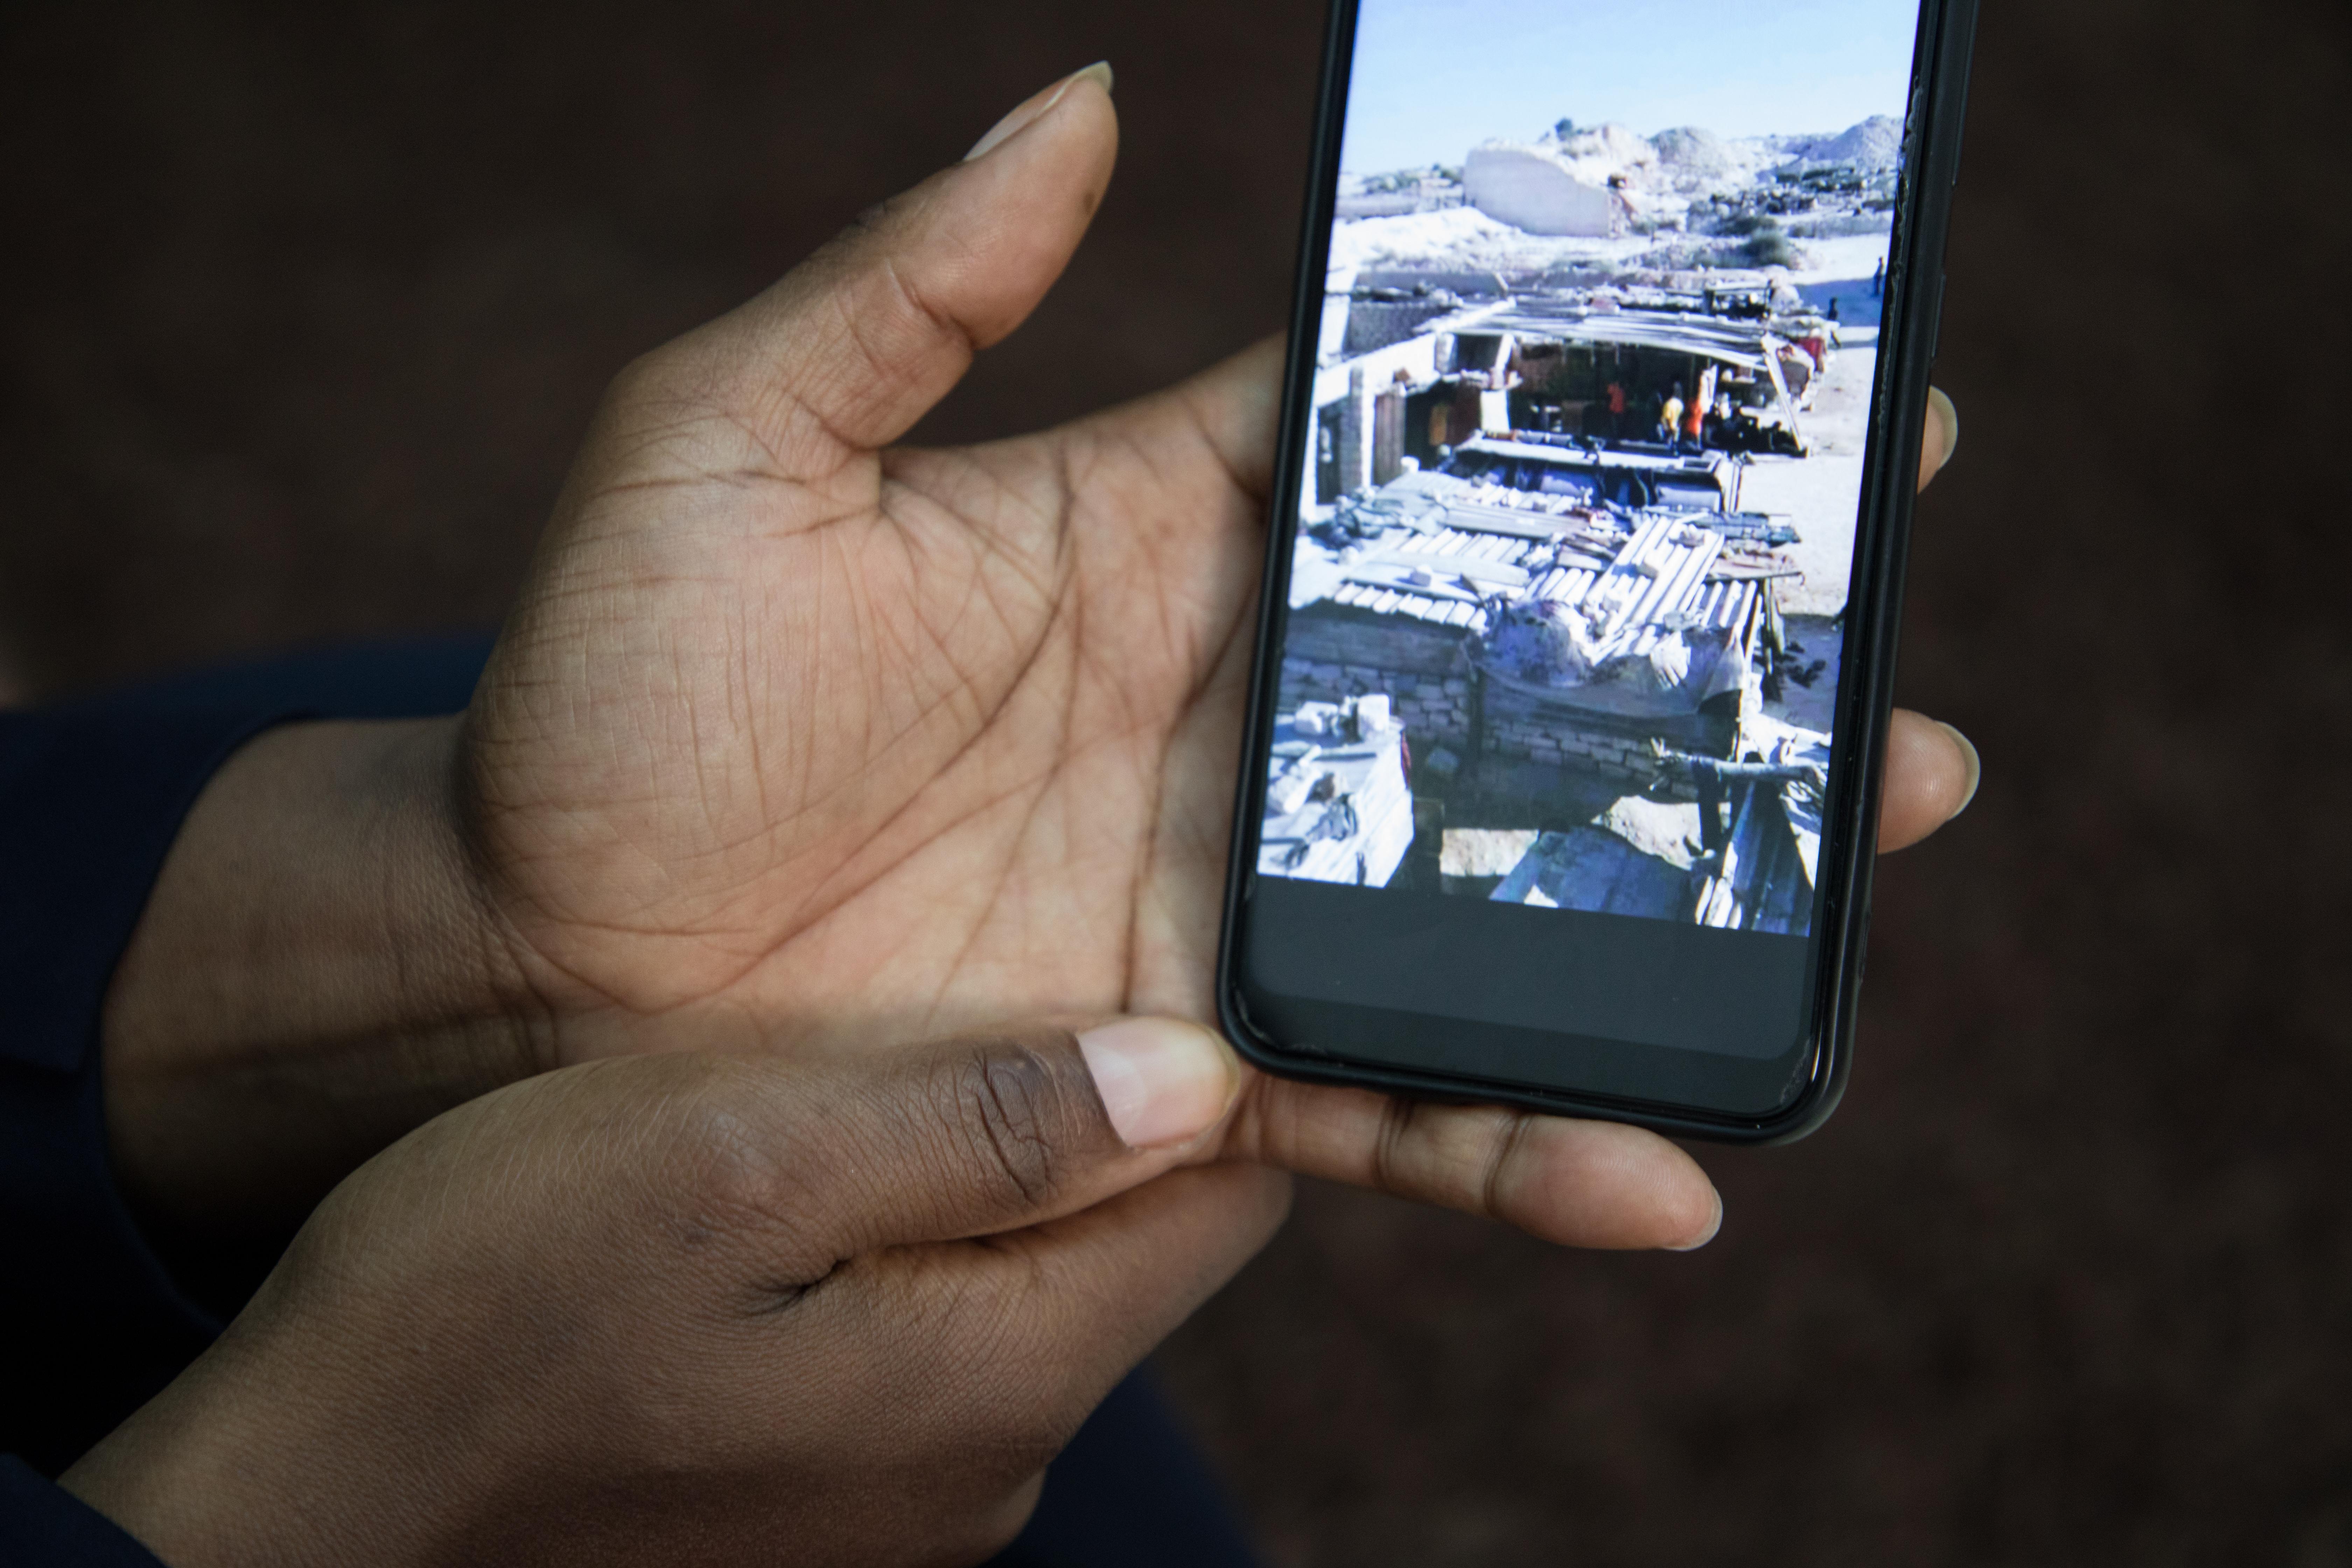 """«Ici en Libye, tu ne dors pas avec deux yeux comme on dit. Tu dors avec un œil ouvert.»A l'image un """"campo"""", une deces prisons clandestines, où les migrantssont retenus captifs."""